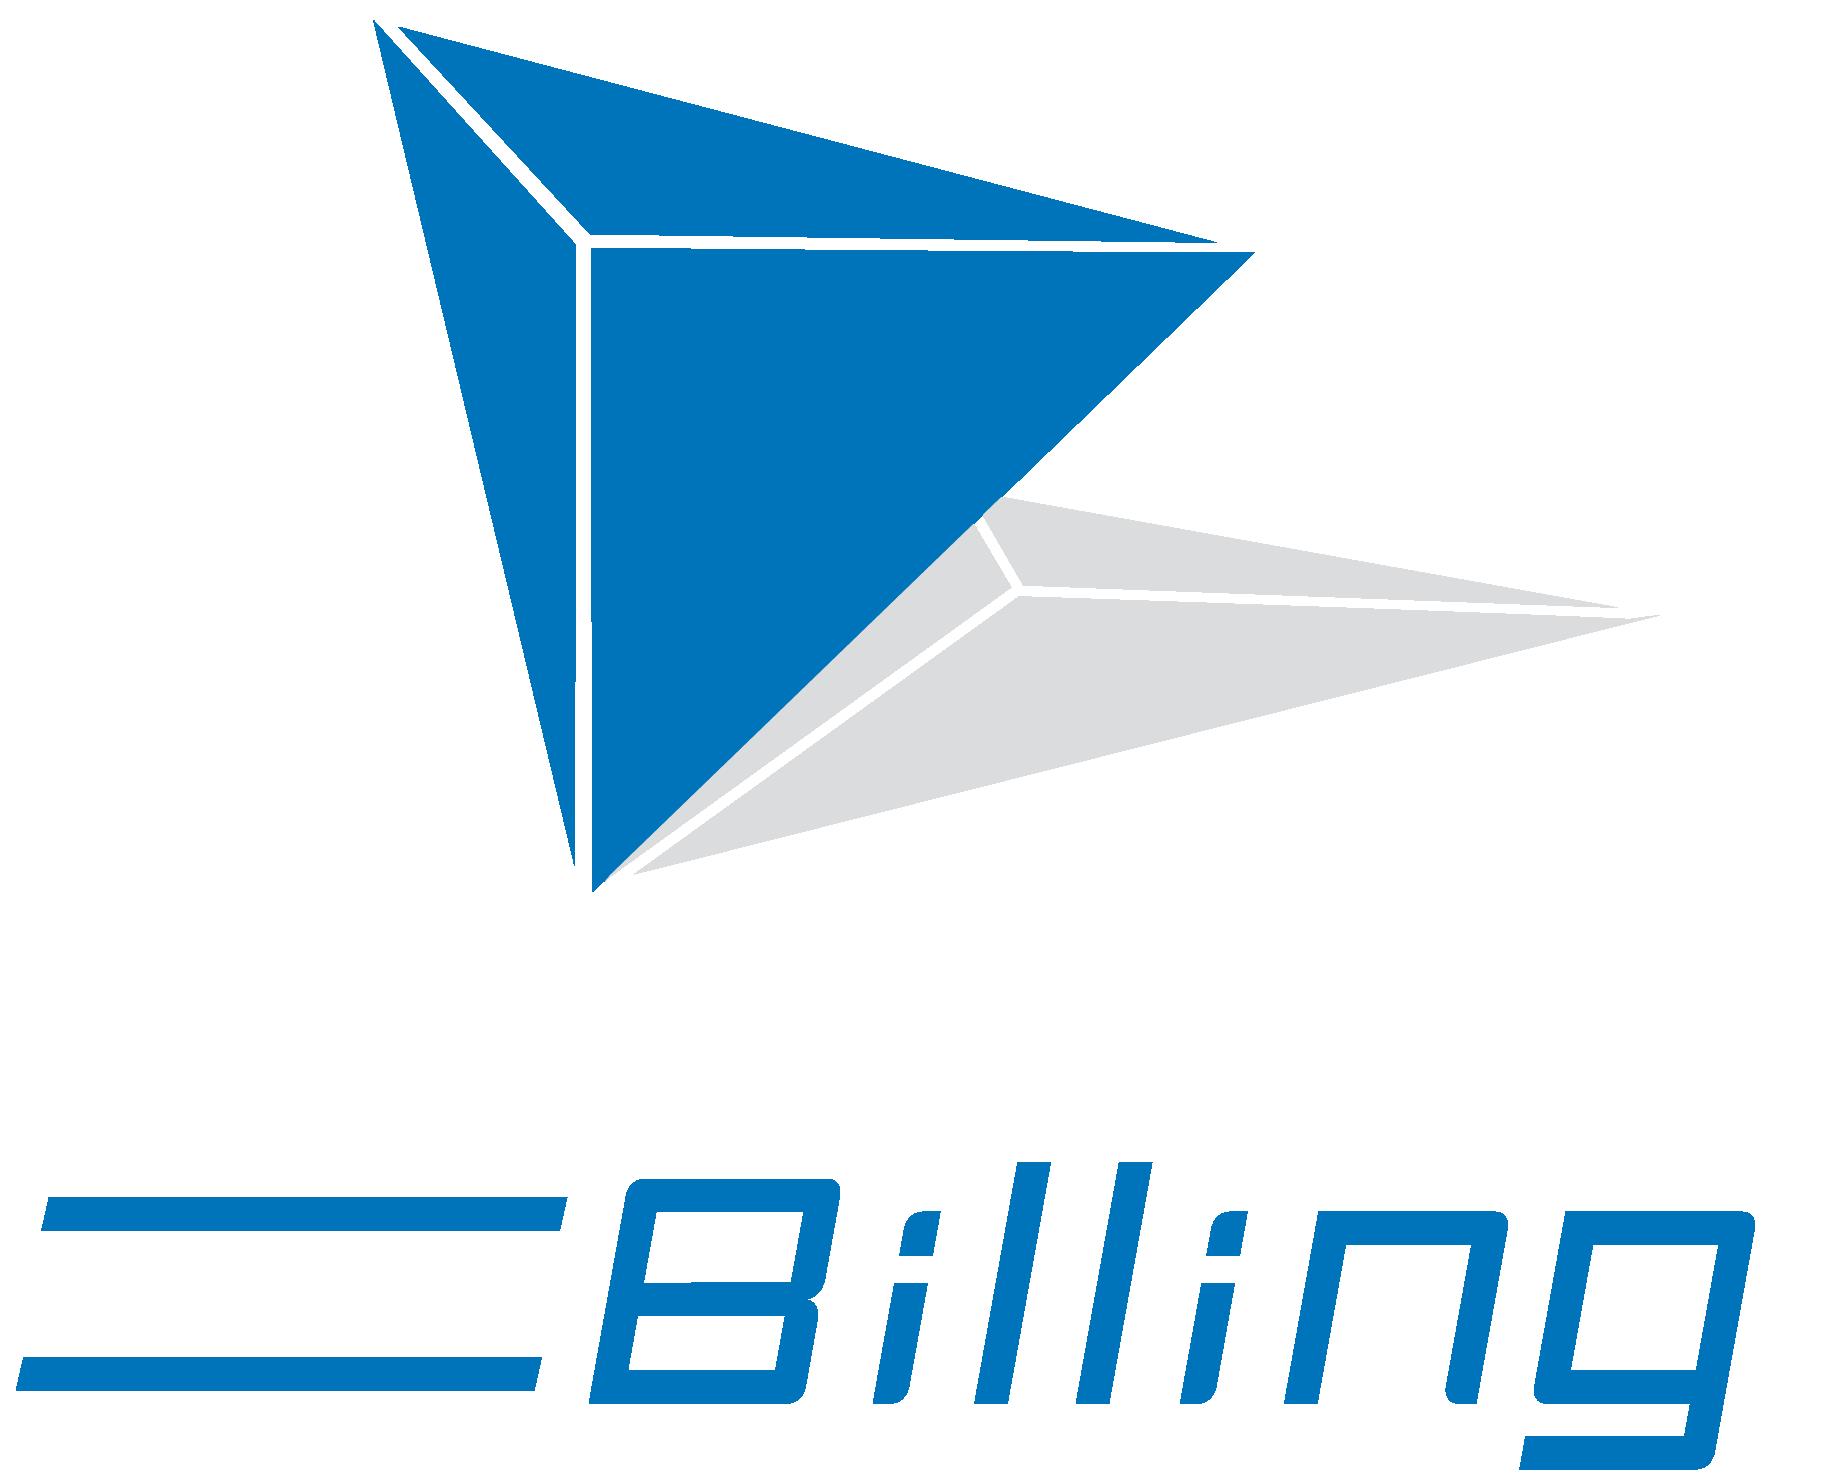 EBS_2020_WebsiteLogo